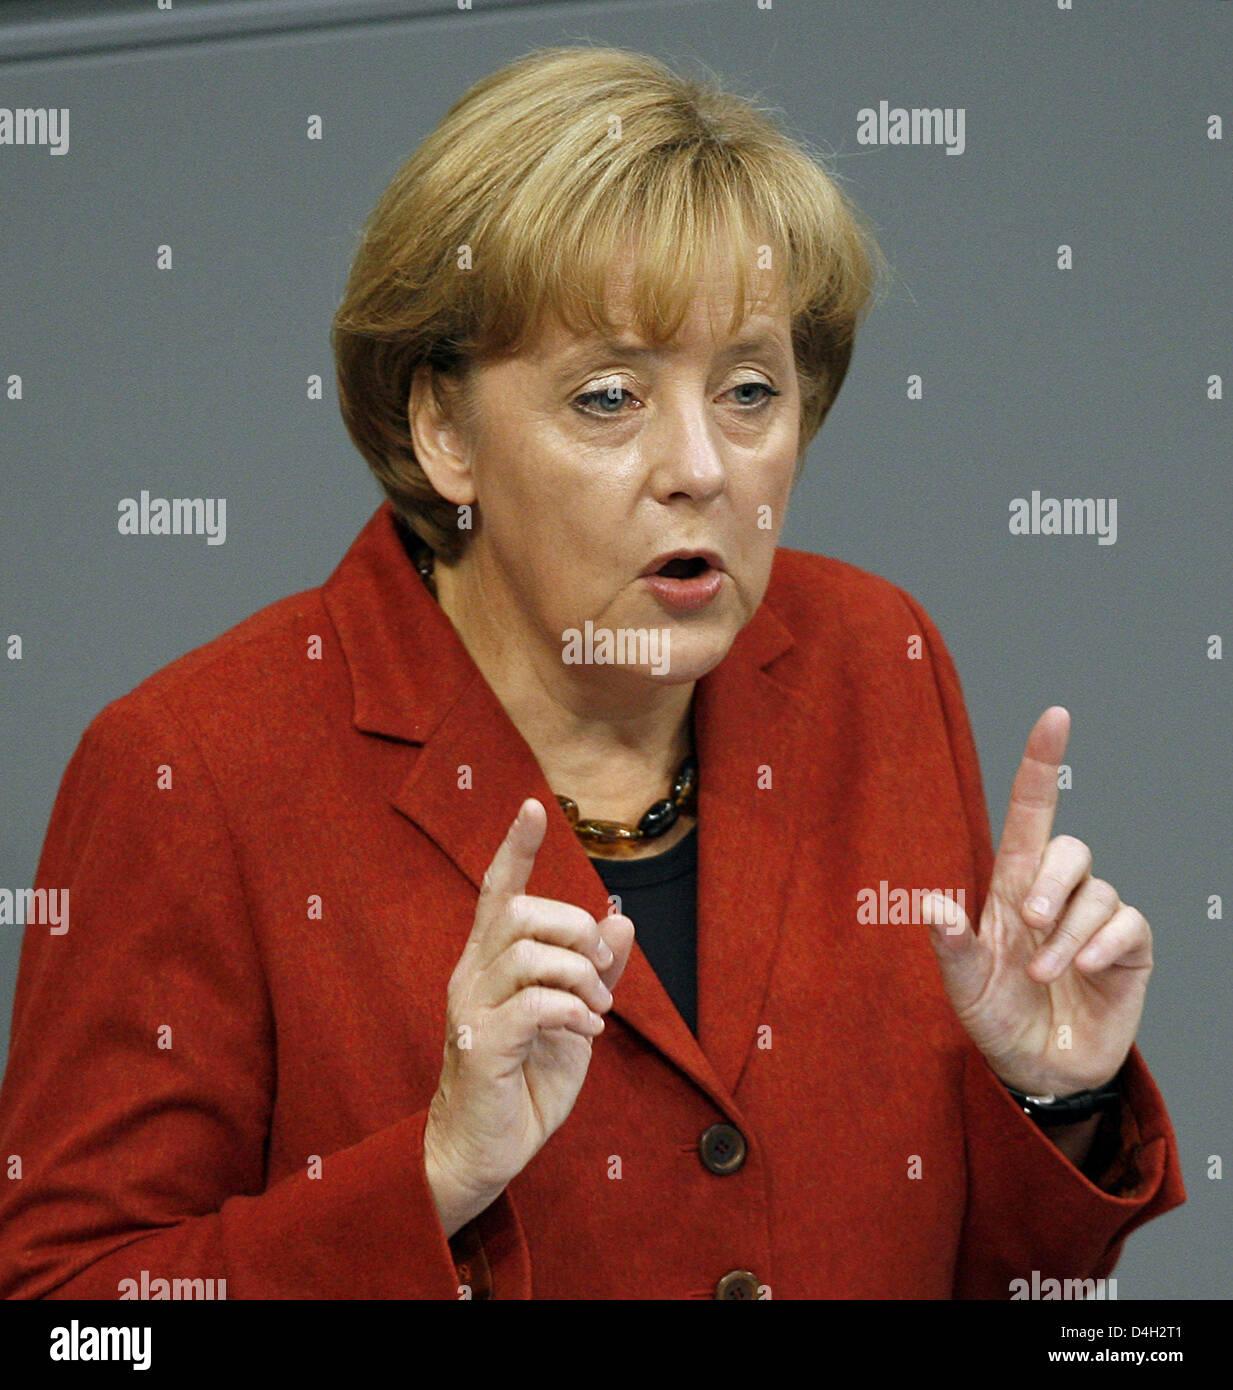 Bundeskanzlerin Angela Merkel gibt eine Regierungserklärung auf die globale Finanzkrise im Bundestag in Berlin, Deutschland, 15. Oktober 2008. Das deutsche Parlament debattiert den Rettungsplan für Banken und die Erhöhung des Kindergeldes. Foto: WOLFGANG KUMM Stockfoto